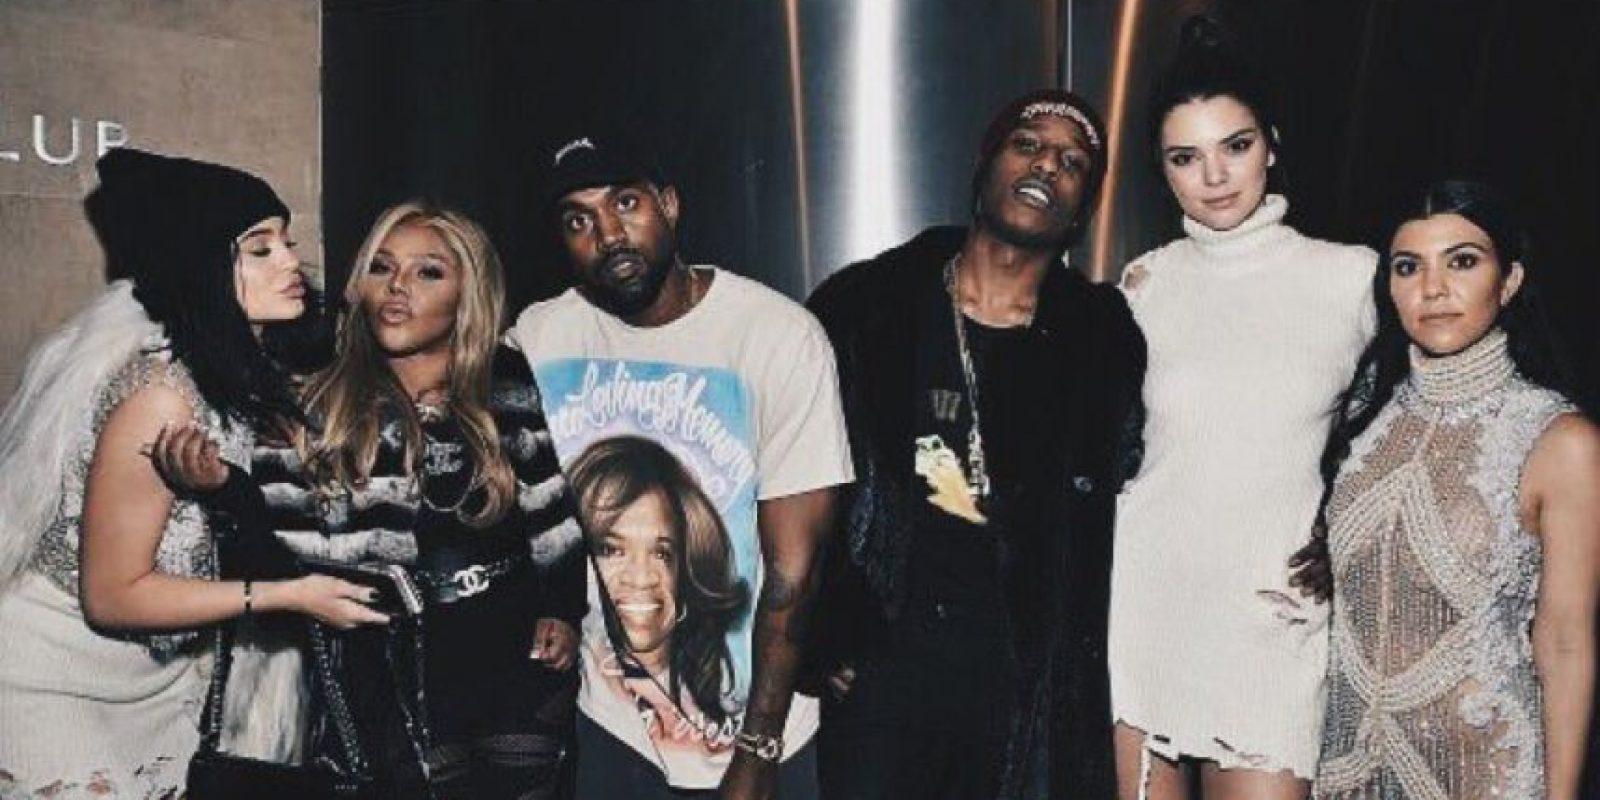 """Kanye West reclutó a montones de celebridades para """"Yeezy"""" 3 y para presentar su álbum """"My Name is Pablo"""". Foto:vía Twitter"""